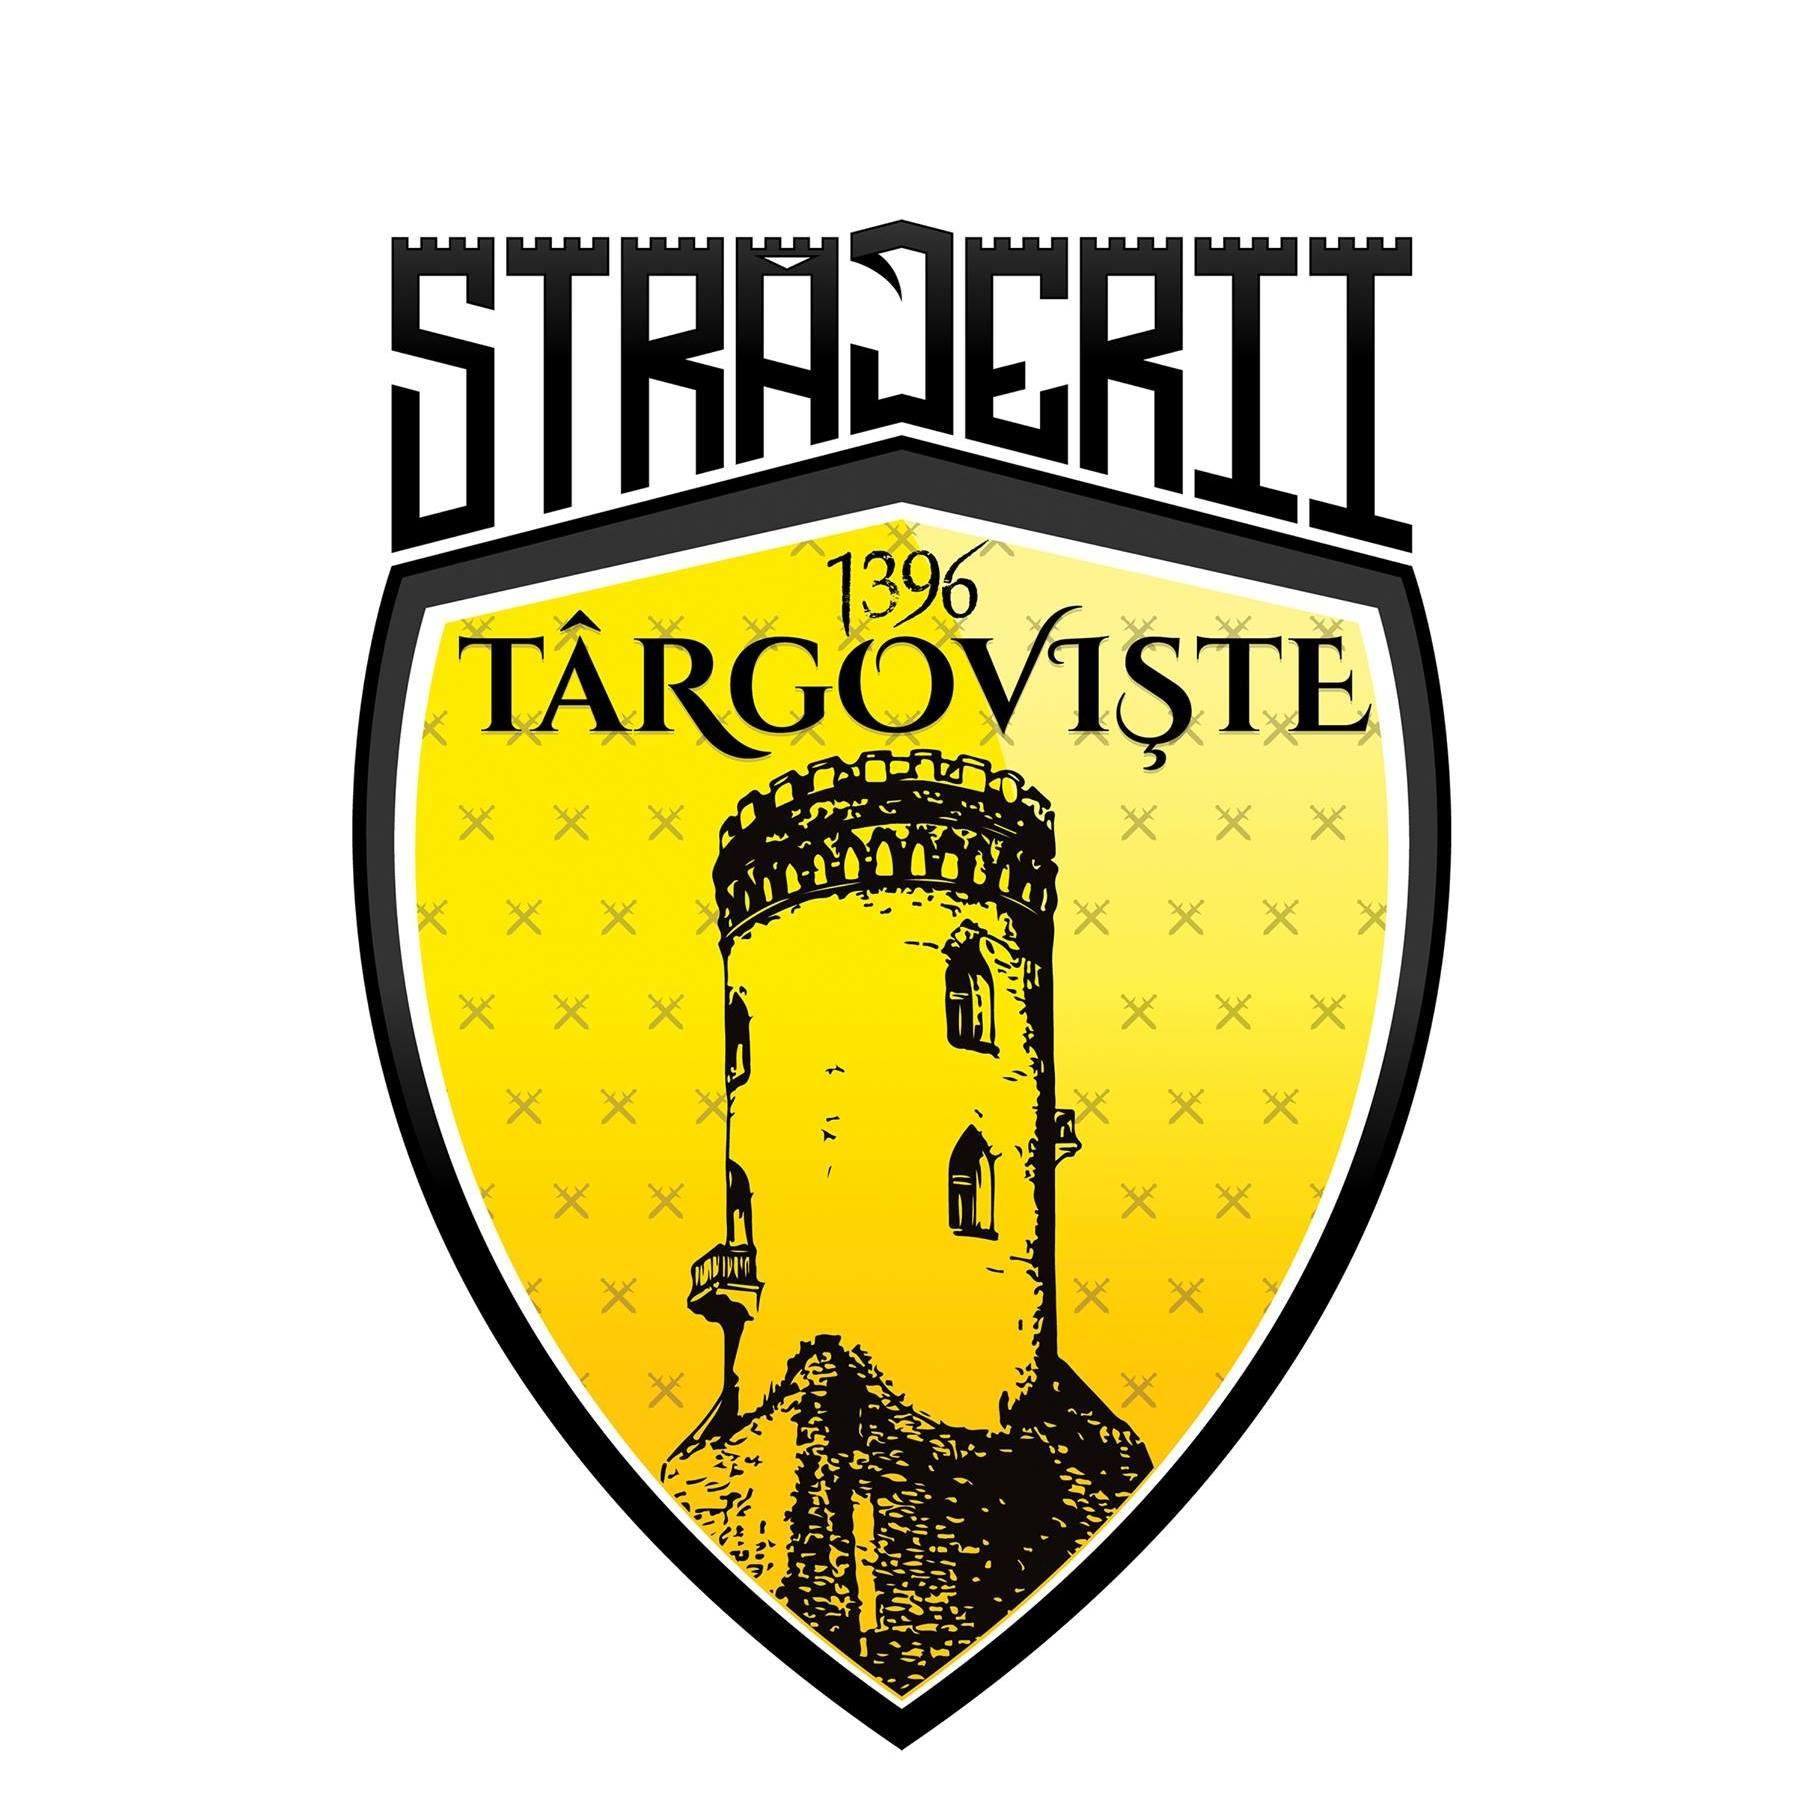 A.C.S. Strajerii Targoviste 1396 2